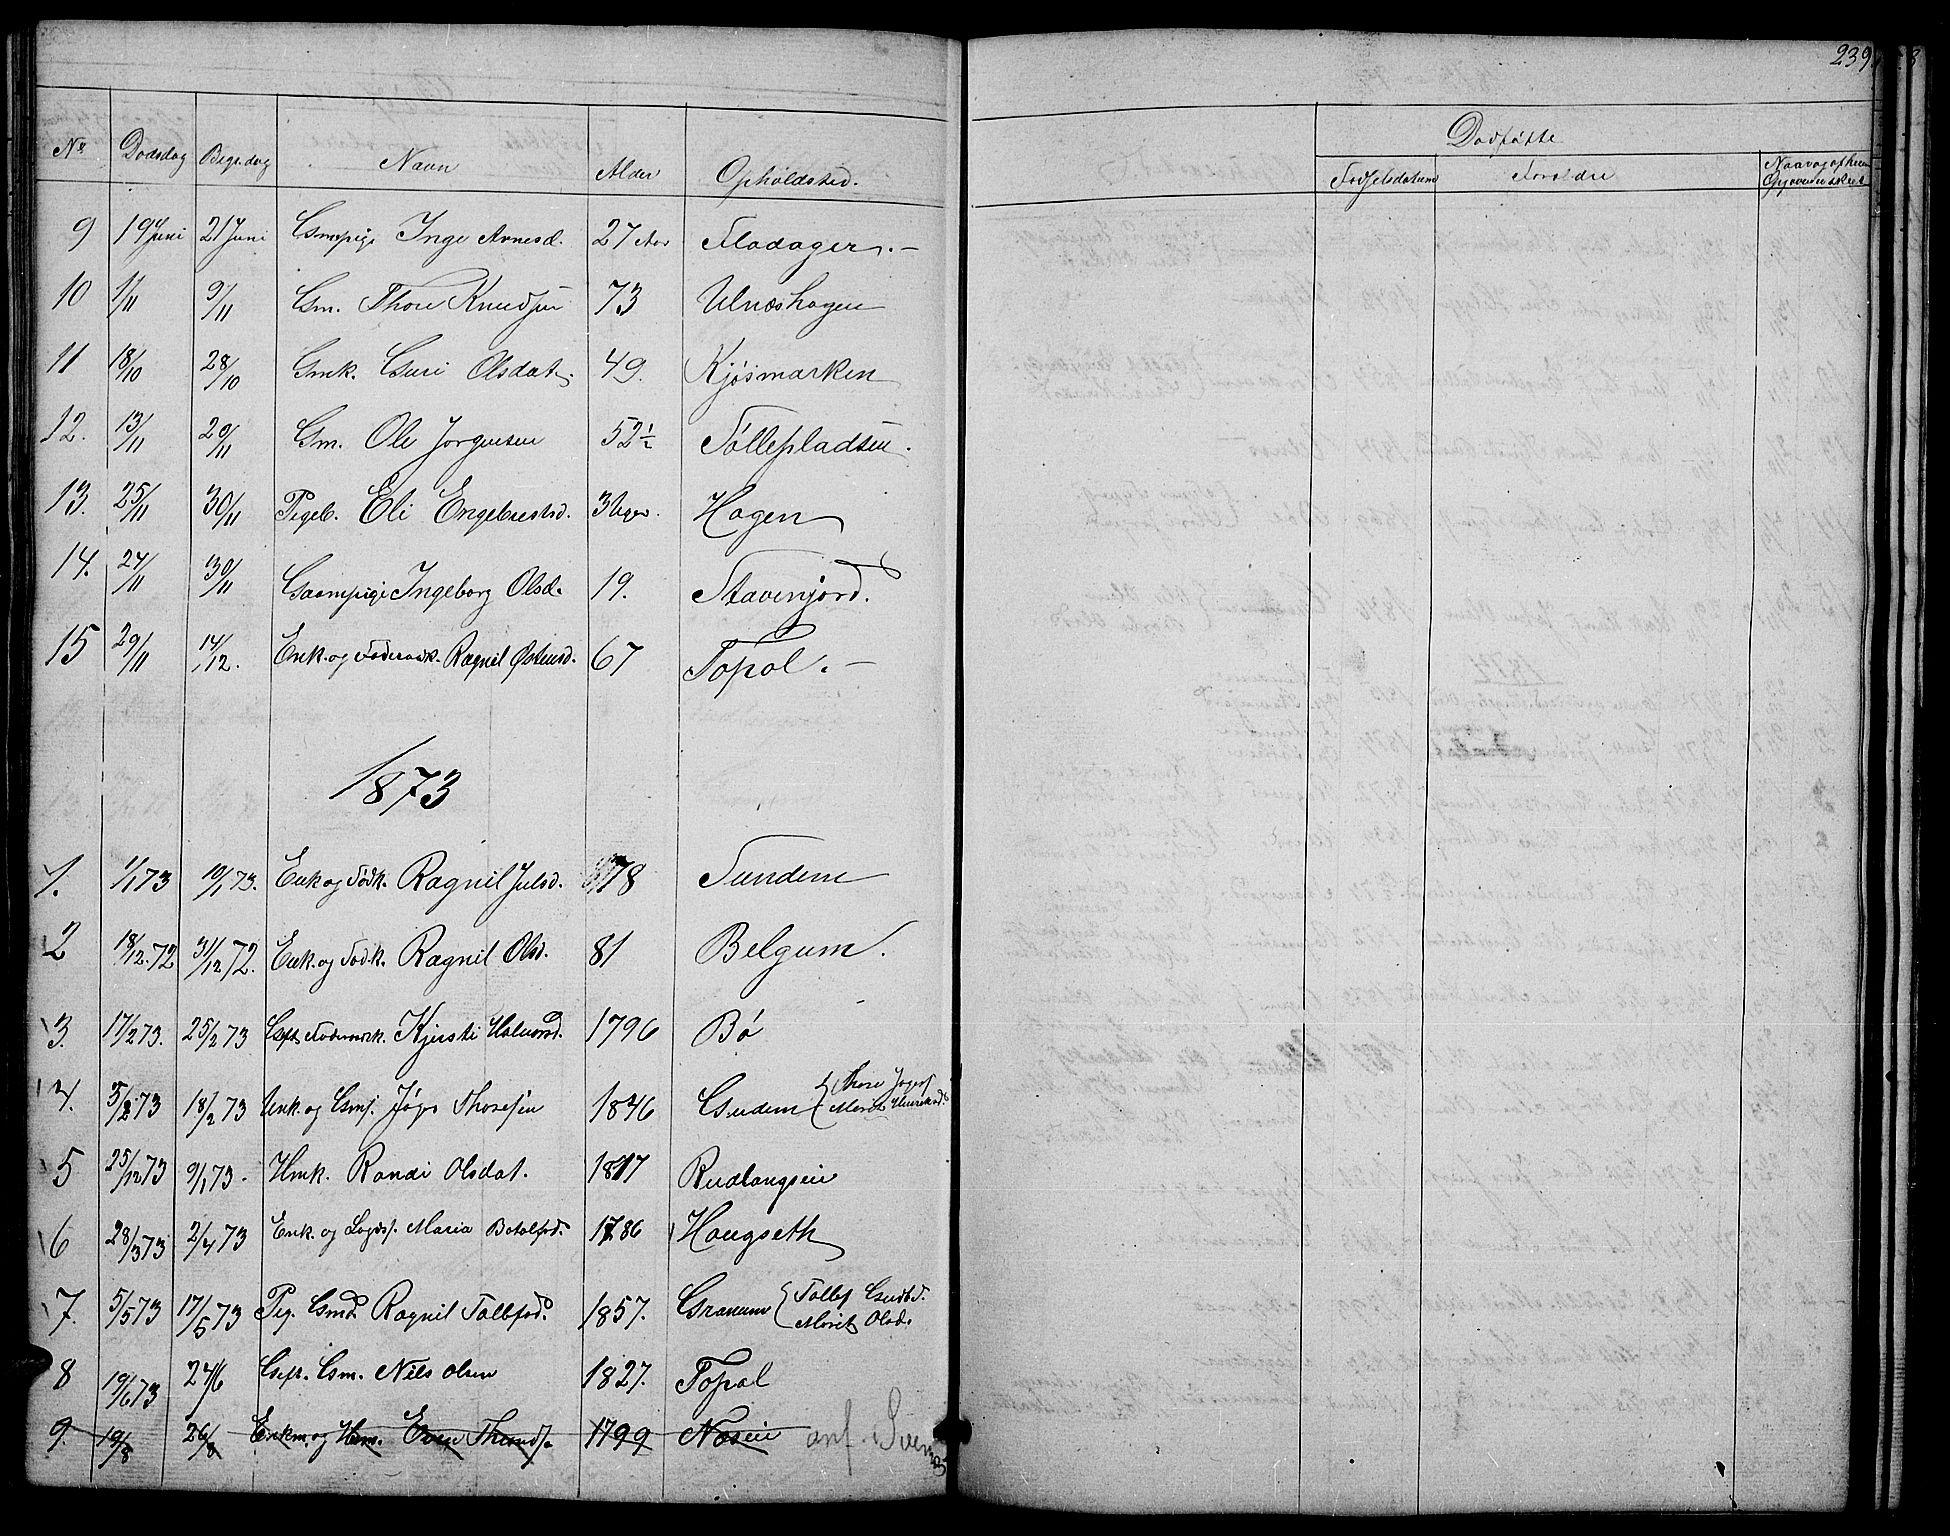 SAH, Nord-Aurdal prestekontor, Klokkerbok nr. 4, 1842-1882, s. 239